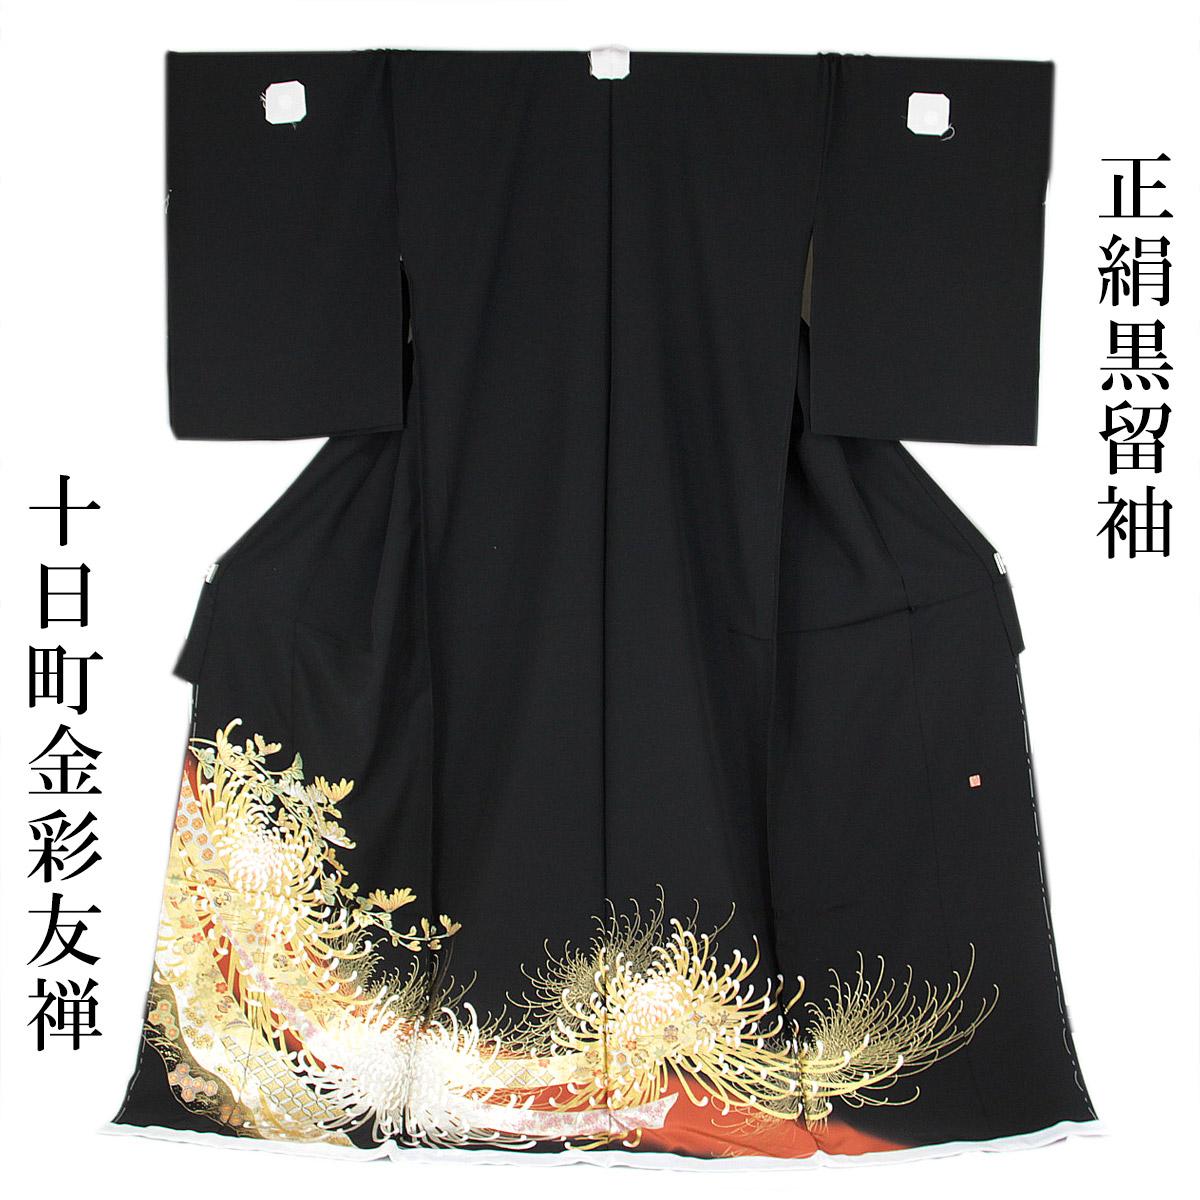 【展示品】 黒留袖 仮絵羽 -3- 十日町金彩友禅 乱菊 絹100%